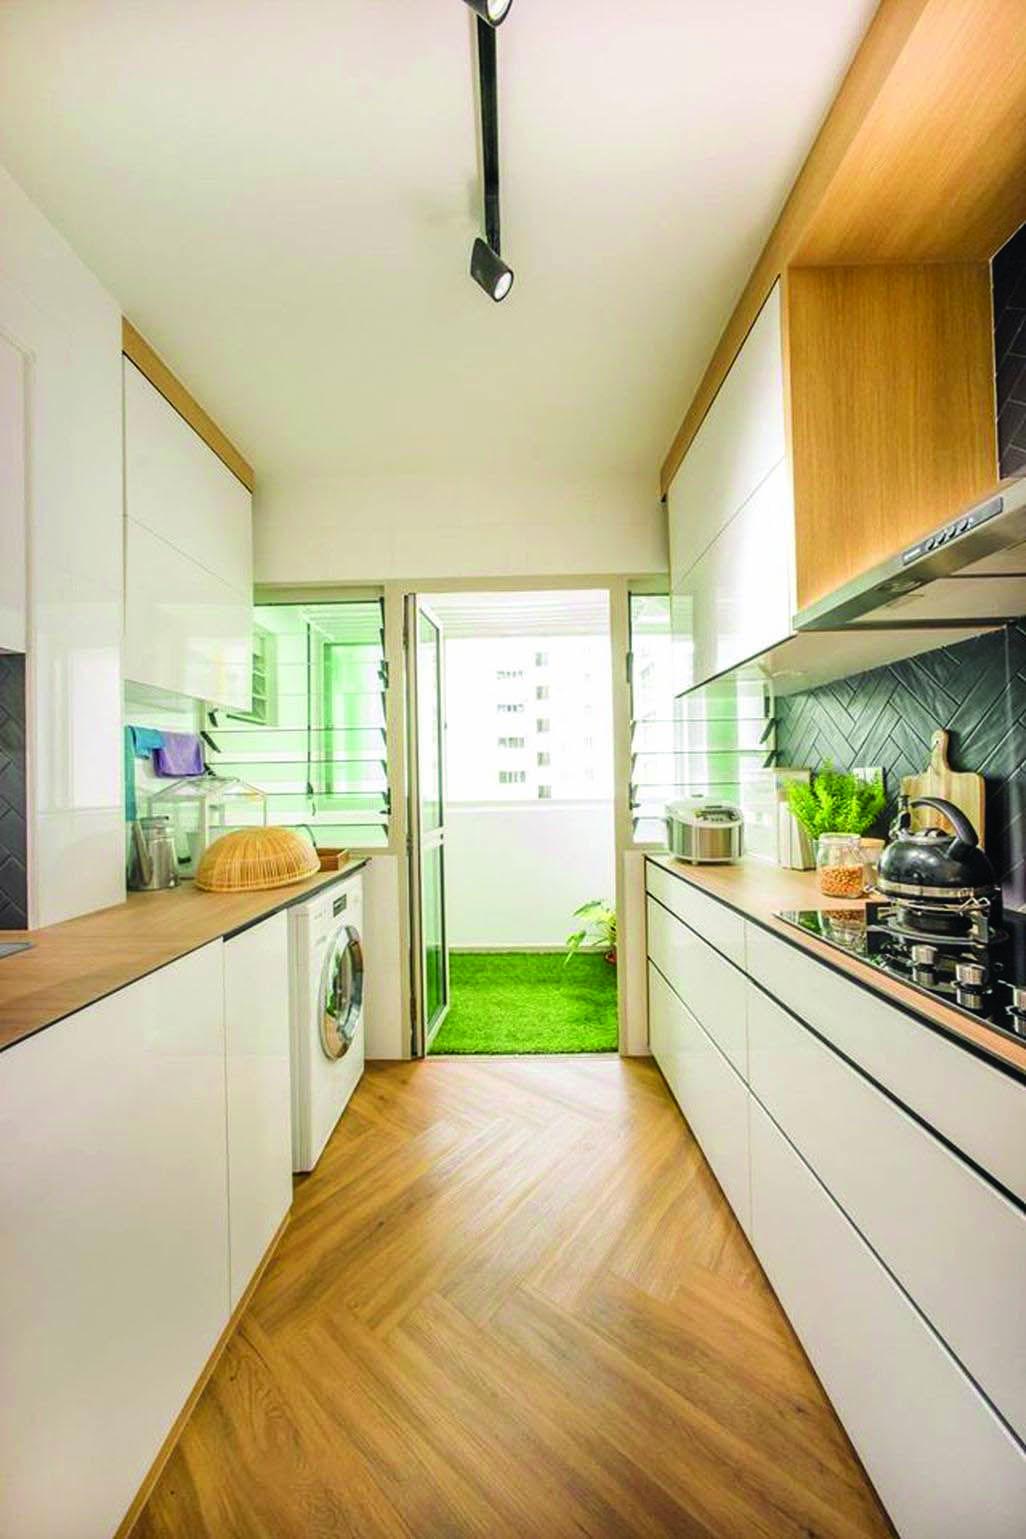 Inspiring Minimalist Kitchen Designs for Modern Homes ...